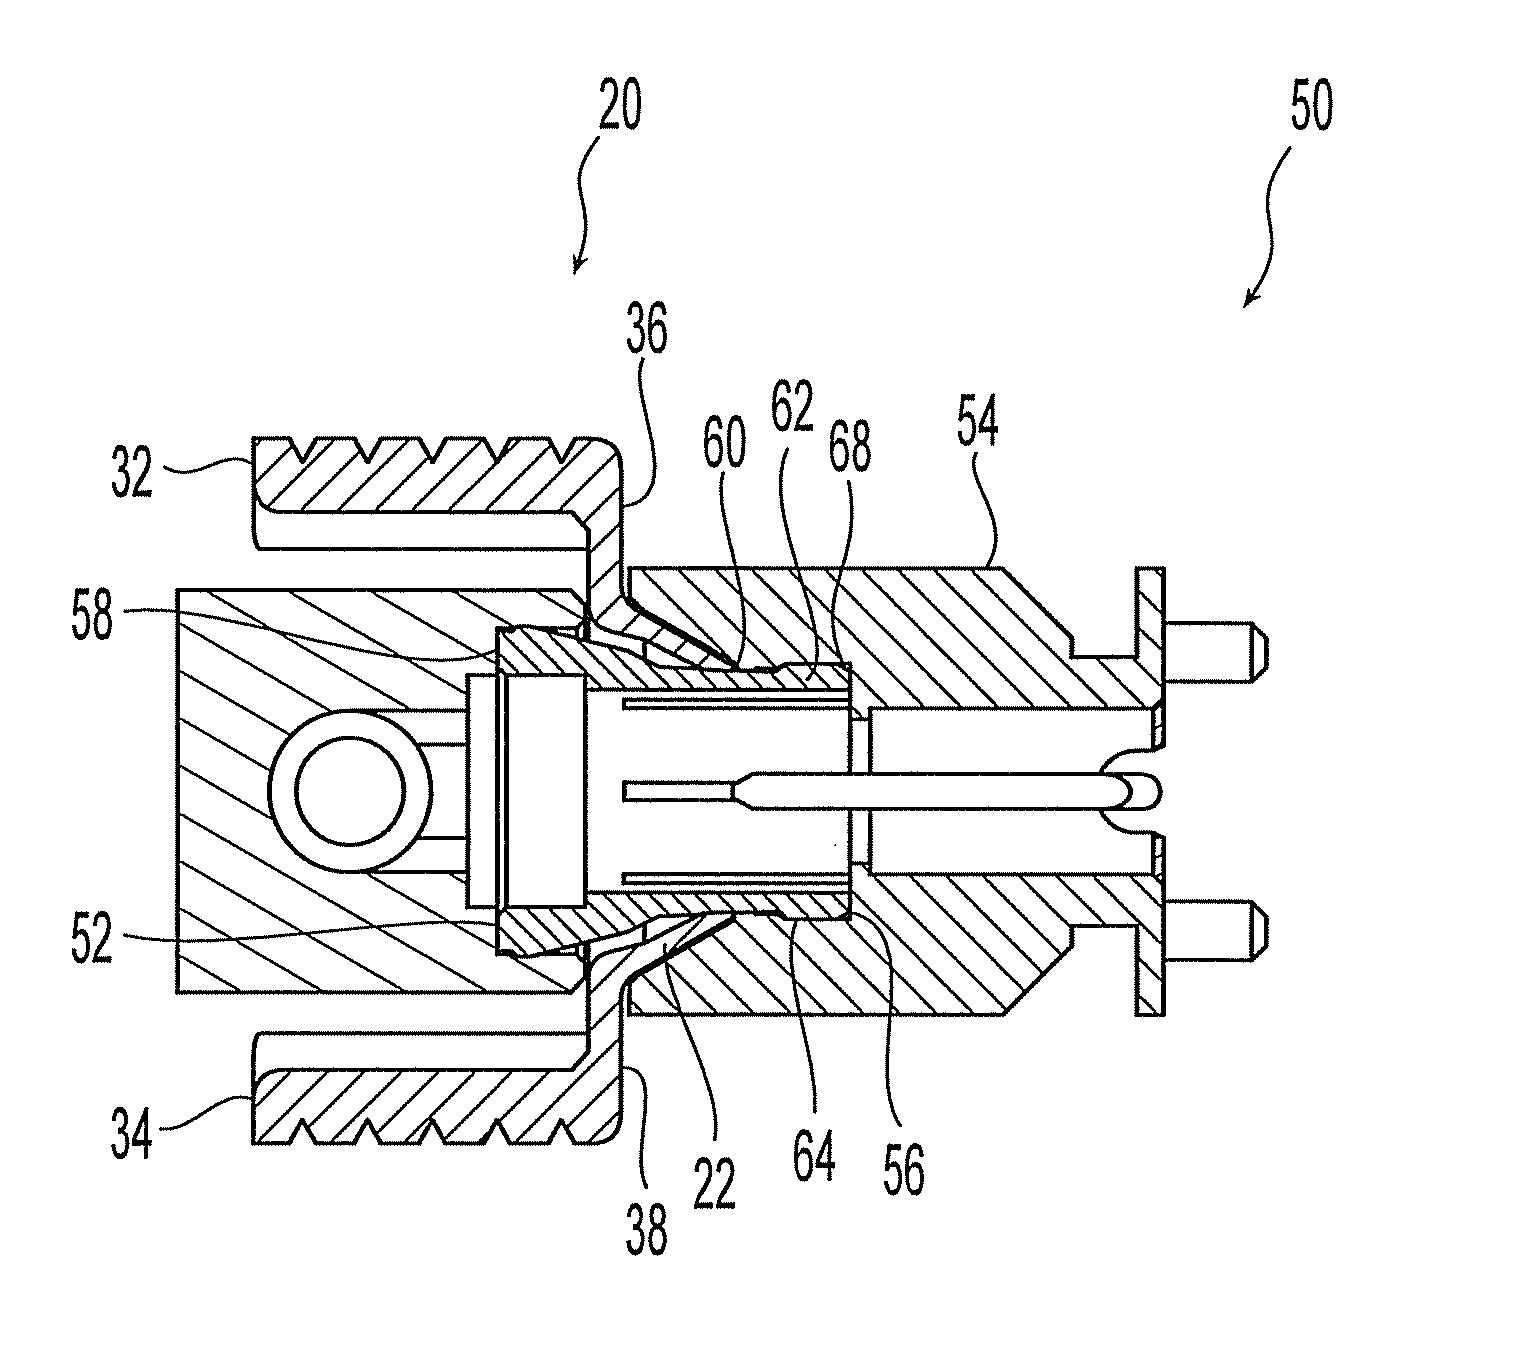 patent us20100330819